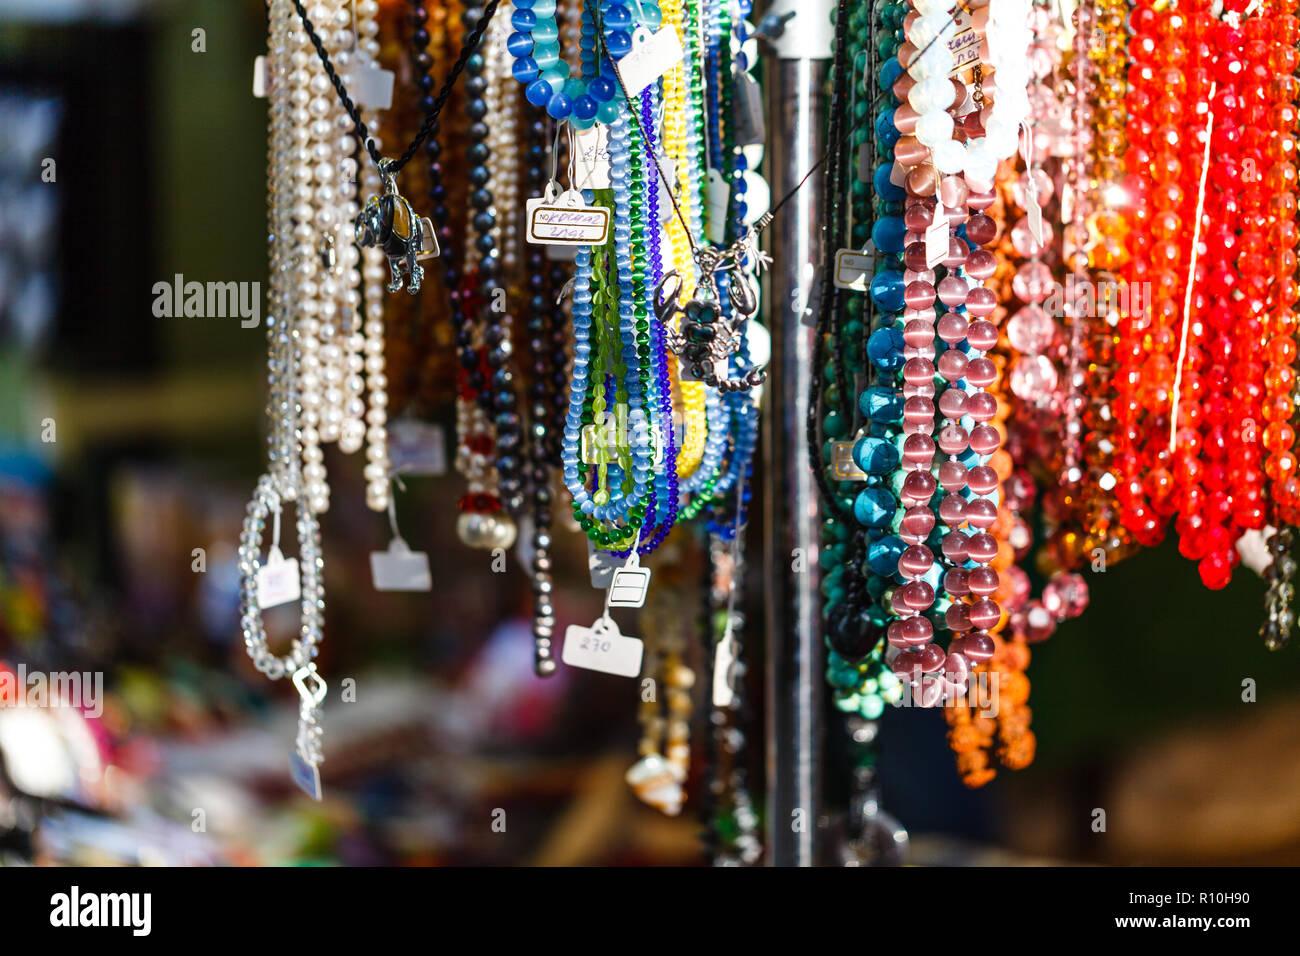 Les Bijoux de costume dans un magasin de détail de rue Photo Stock c019727a50a4